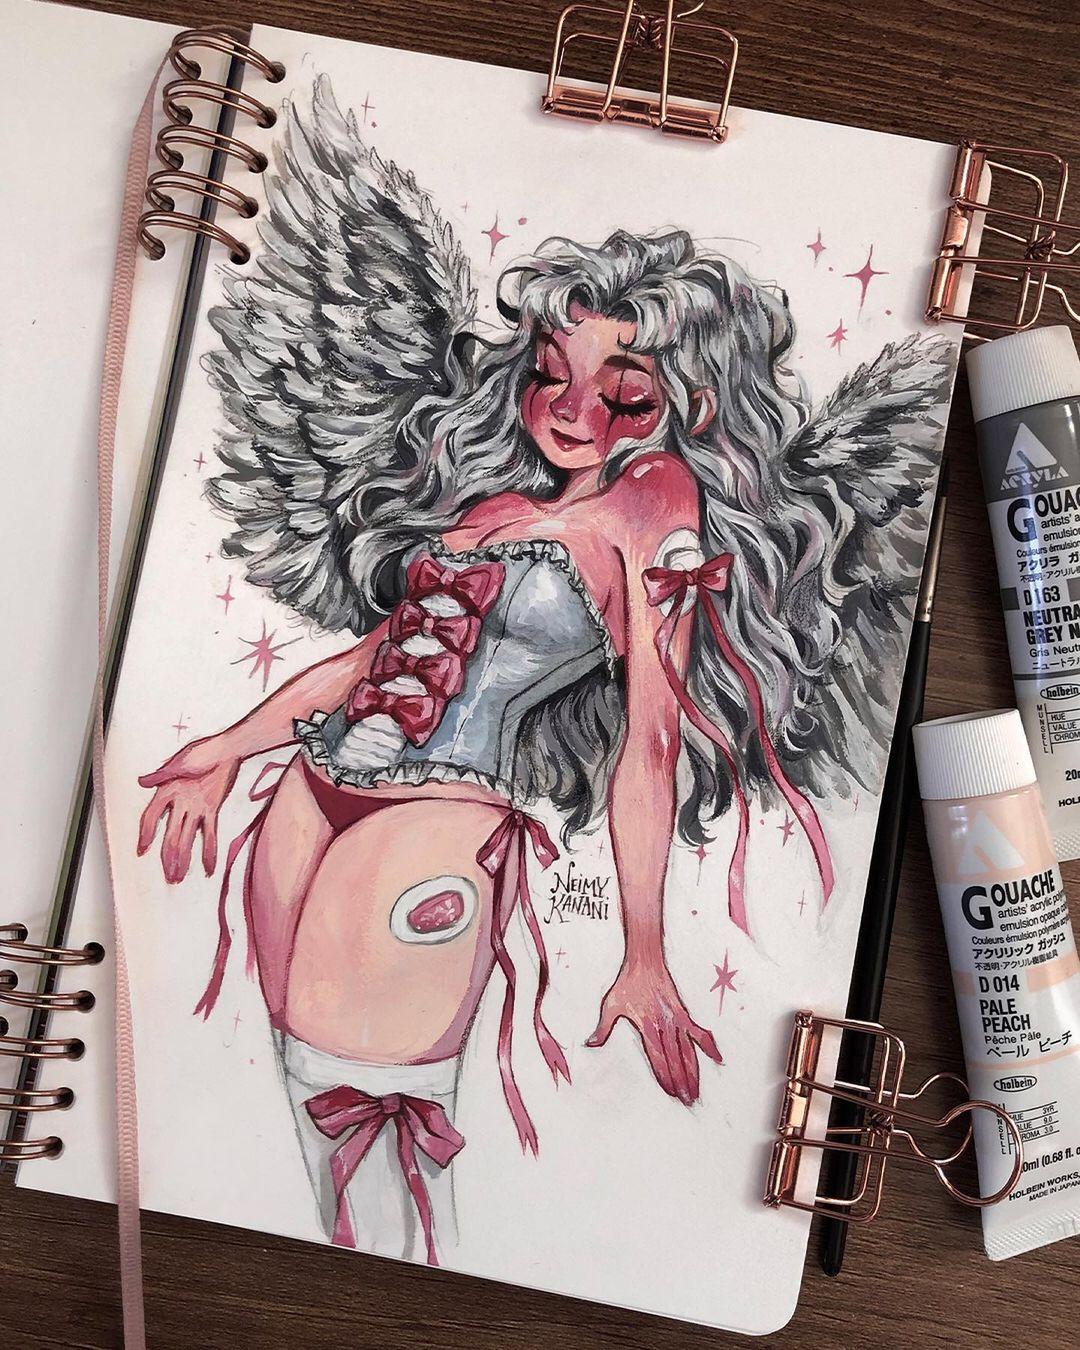 GirlsclubAsia-Artist-Neimy-5